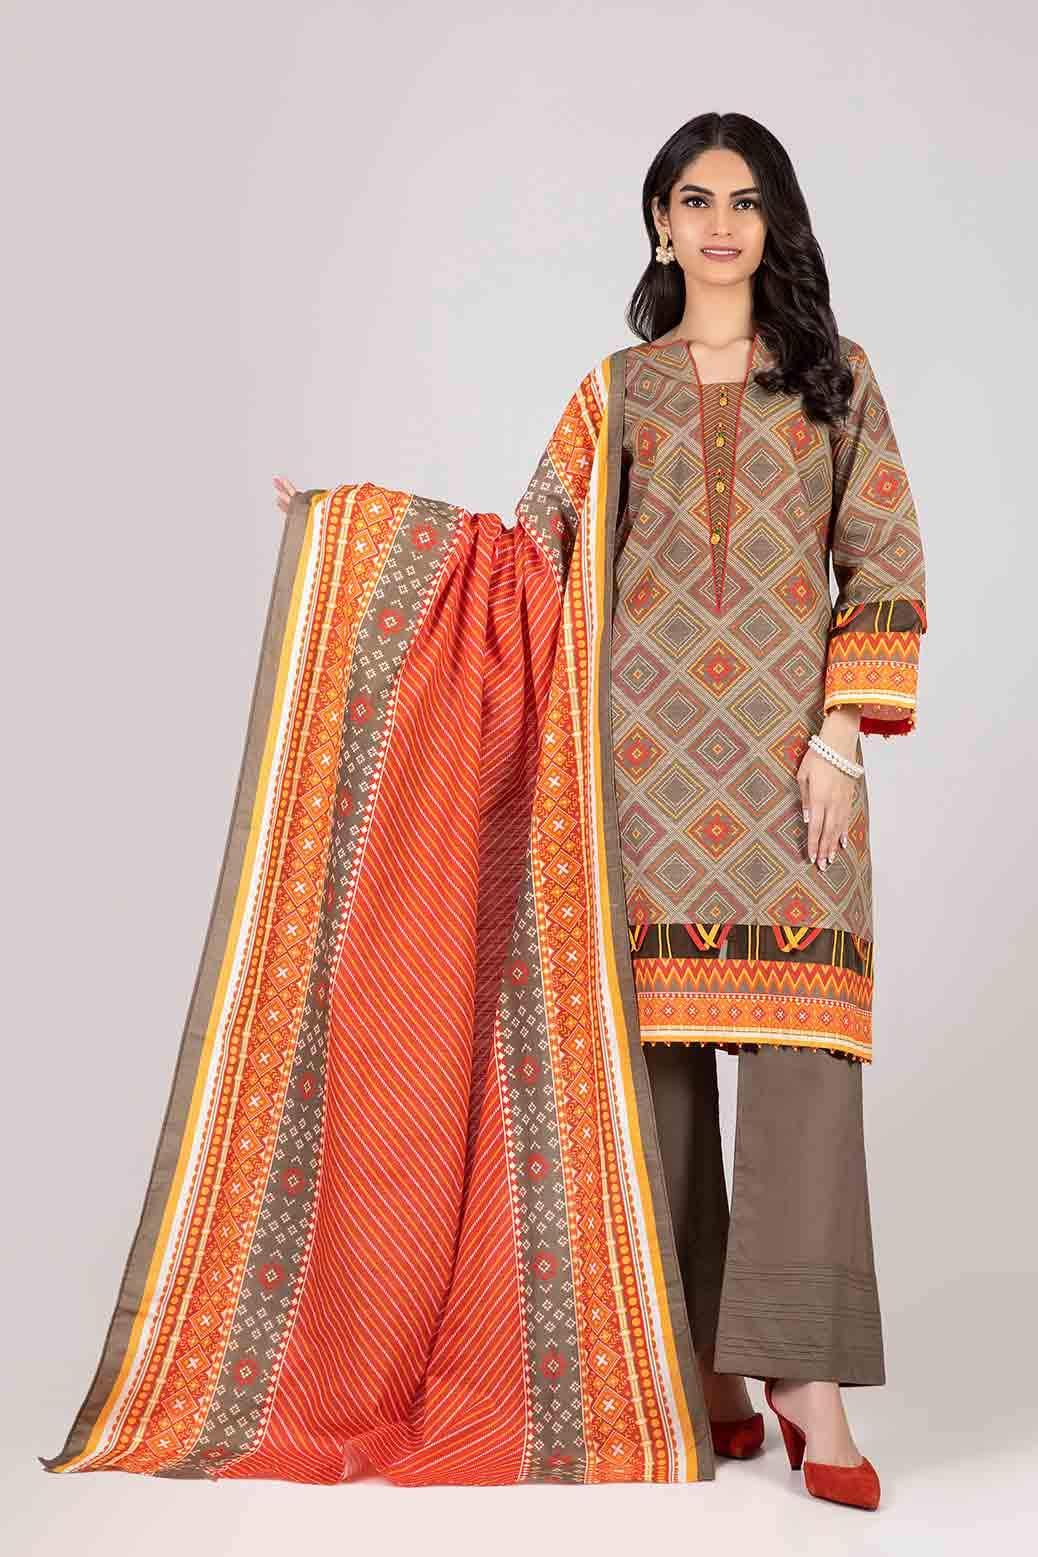 Bonanza Satrangi Ready to wear brown color suit